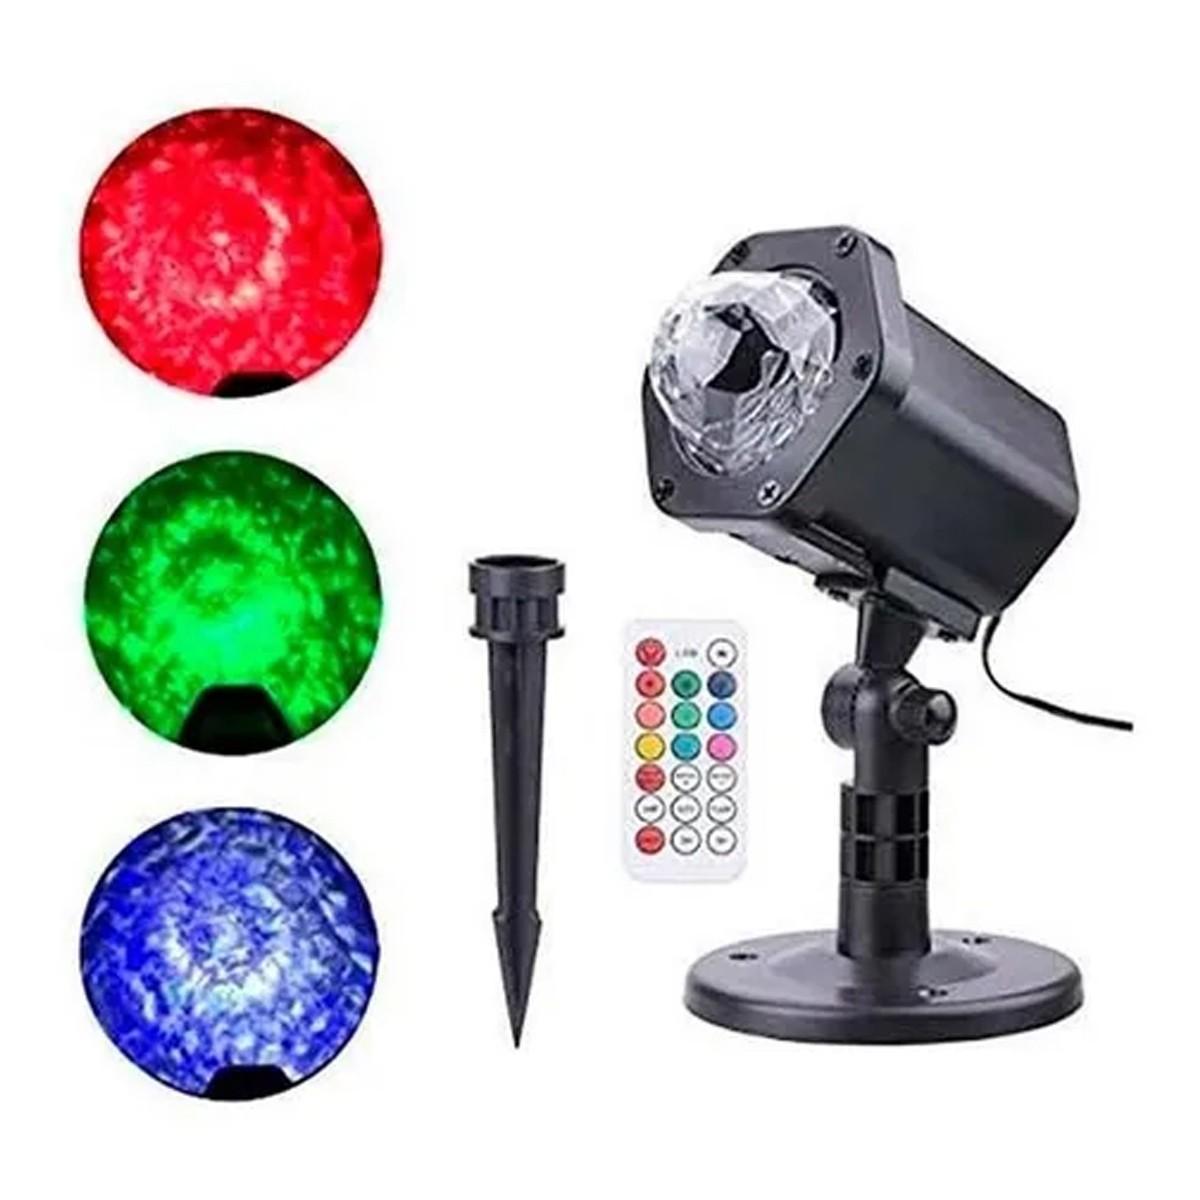 Luminaria Projetor Espeto  Jardim LED 6W RGBW Efeito Agua - Bivolt  - RS Som e Luz!